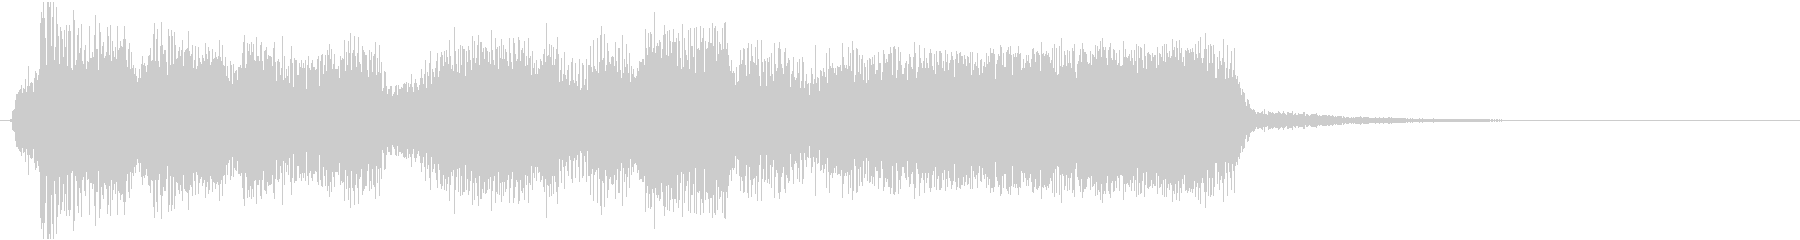 ハロウィン風ギタージングル2の未再生の波形